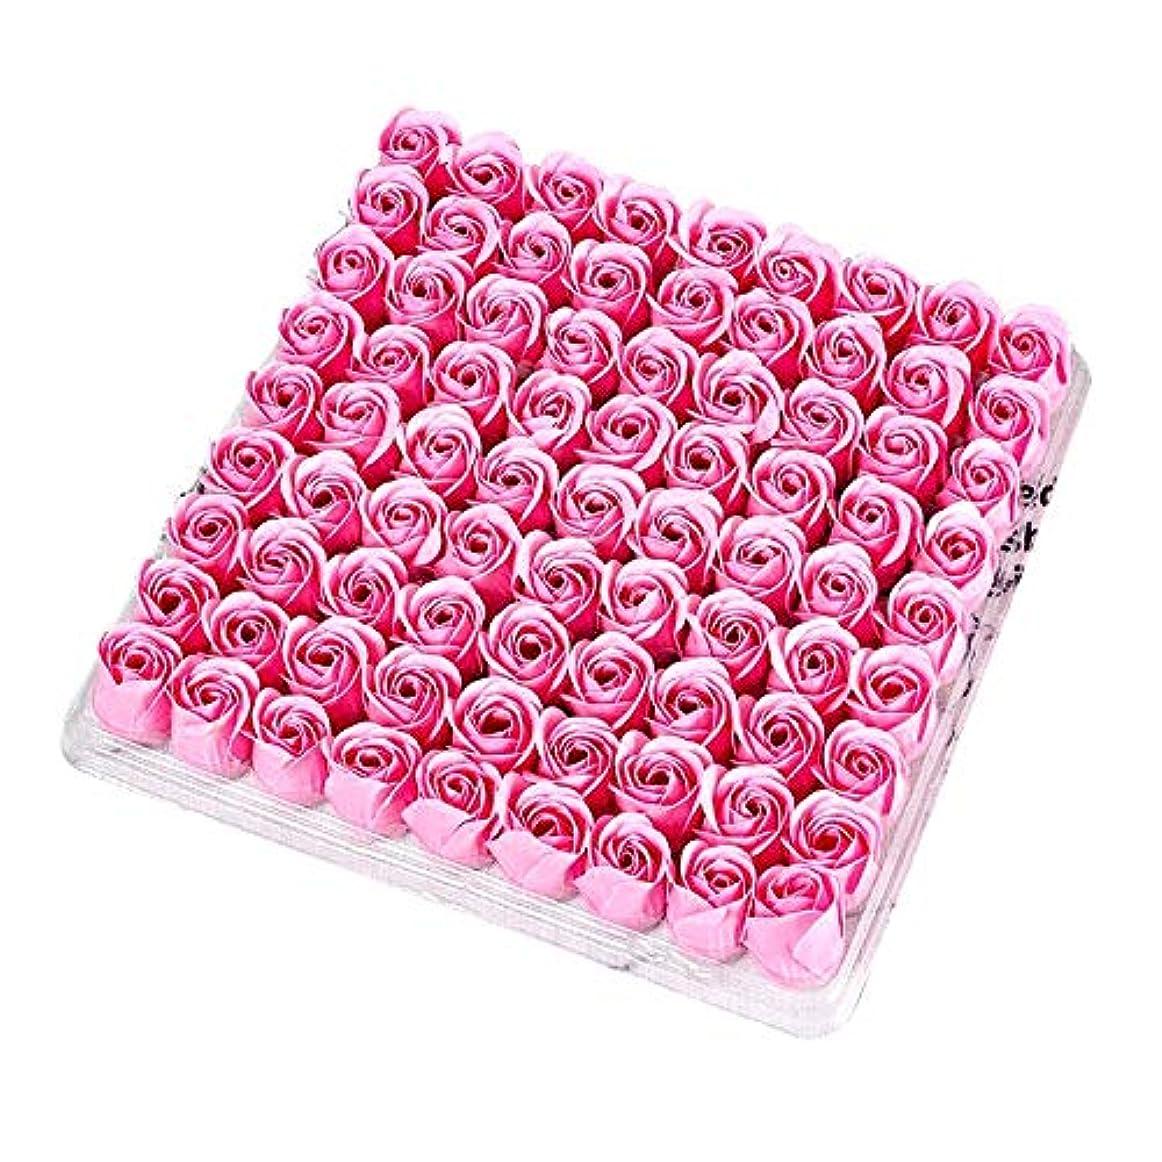 スクラブ耐久漏れTOOGOO 81個の薔薇、バス ボディ フラワー?フローラルの石けん 香りのよいローズフラワー エッセンシャルオイル フローラルのお客様への石鹸 ウェディング、パーティー、バレンタインデーの贈り物、ピンク